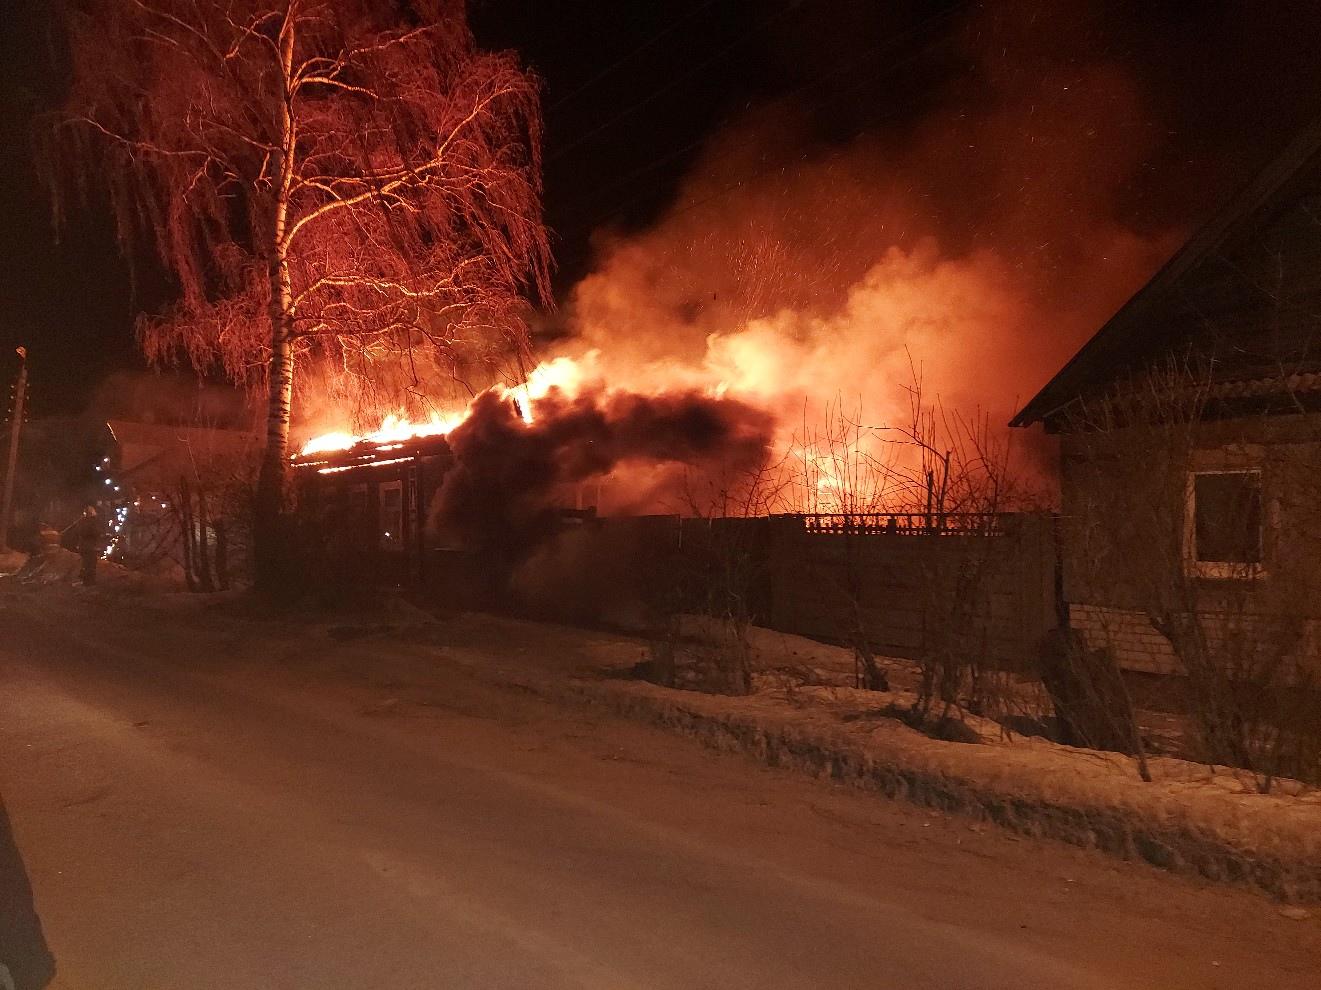 В Тверской области таксист с пассажиром спасли из горящего дома спавшего хозяина - новости Афанасий